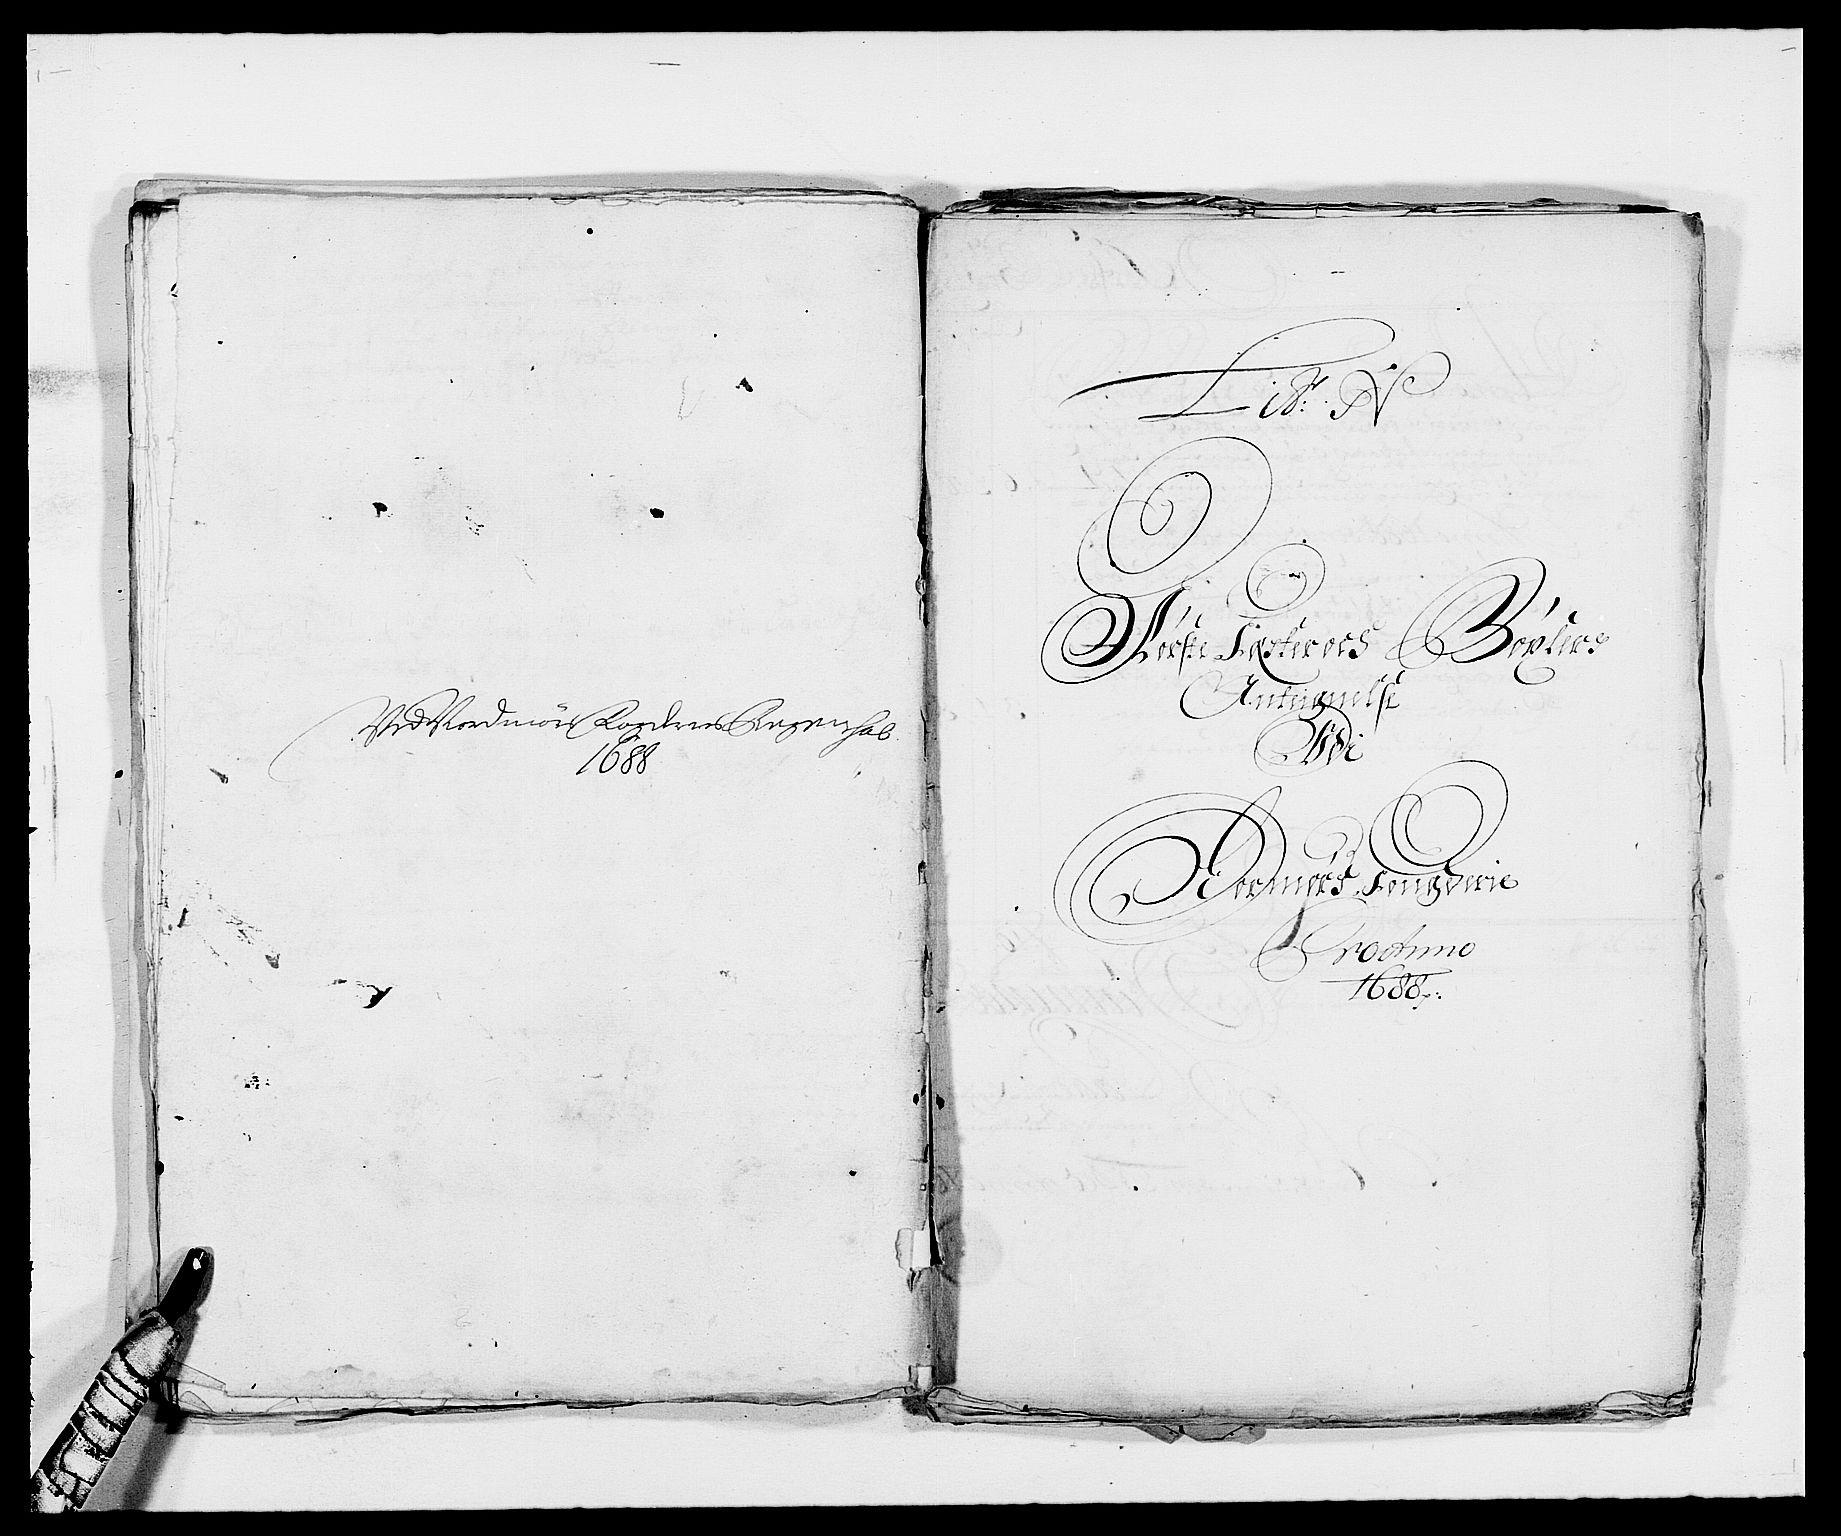 RA, Rentekammeret inntil 1814, Reviderte regnskaper, Fogderegnskap, R56/L3733: Fogderegnskap Nordmøre, 1687-1689, s. 313